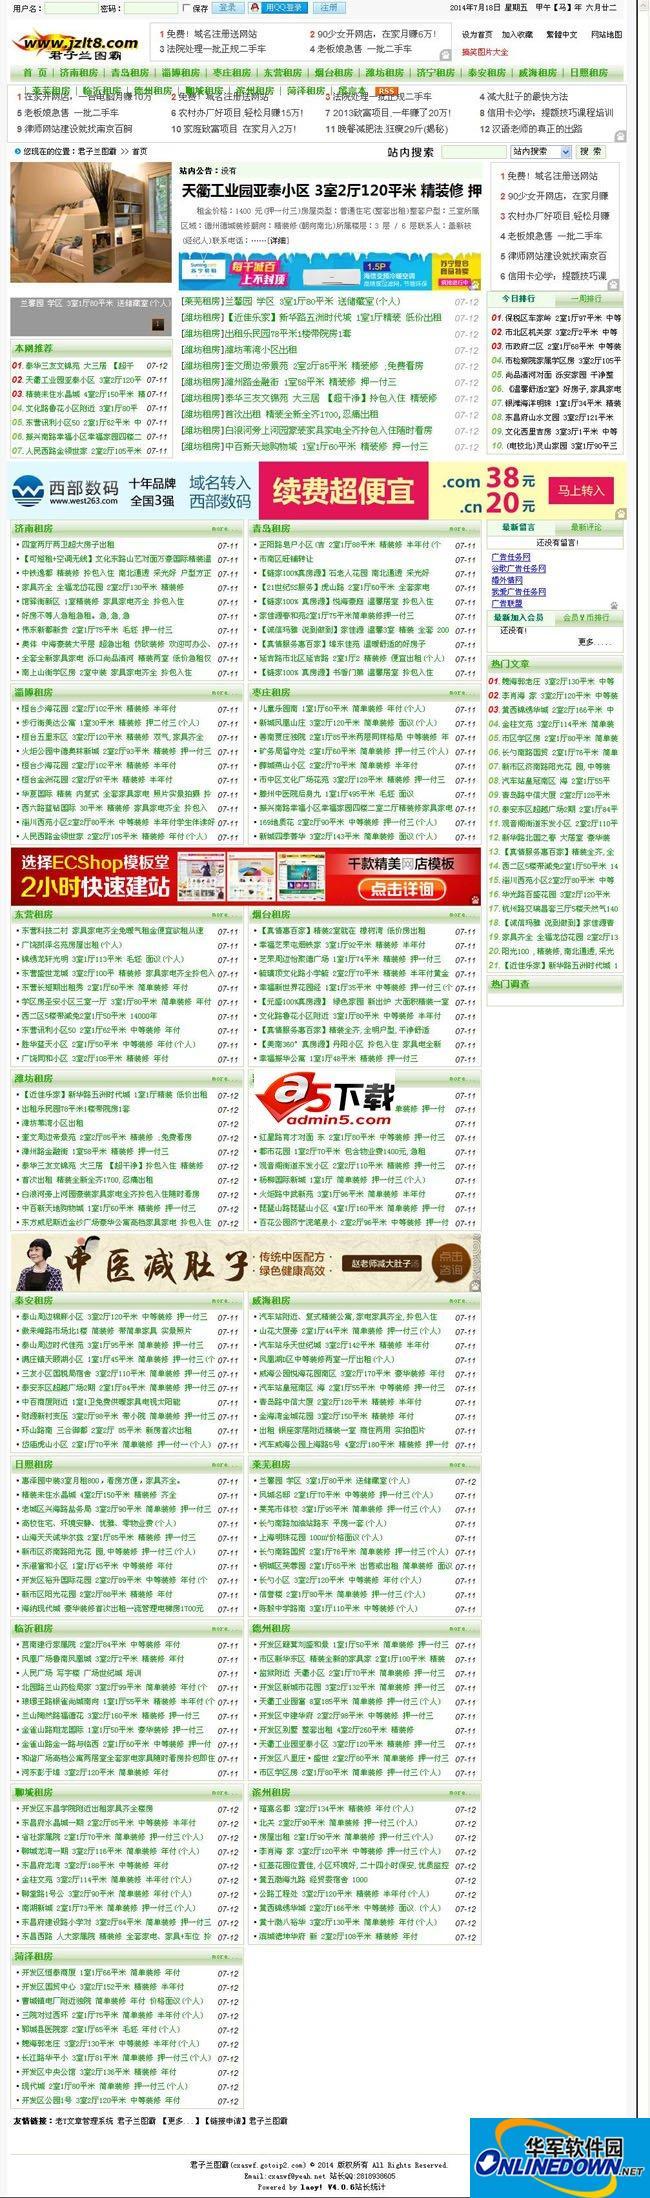 华夏信息网山东省网